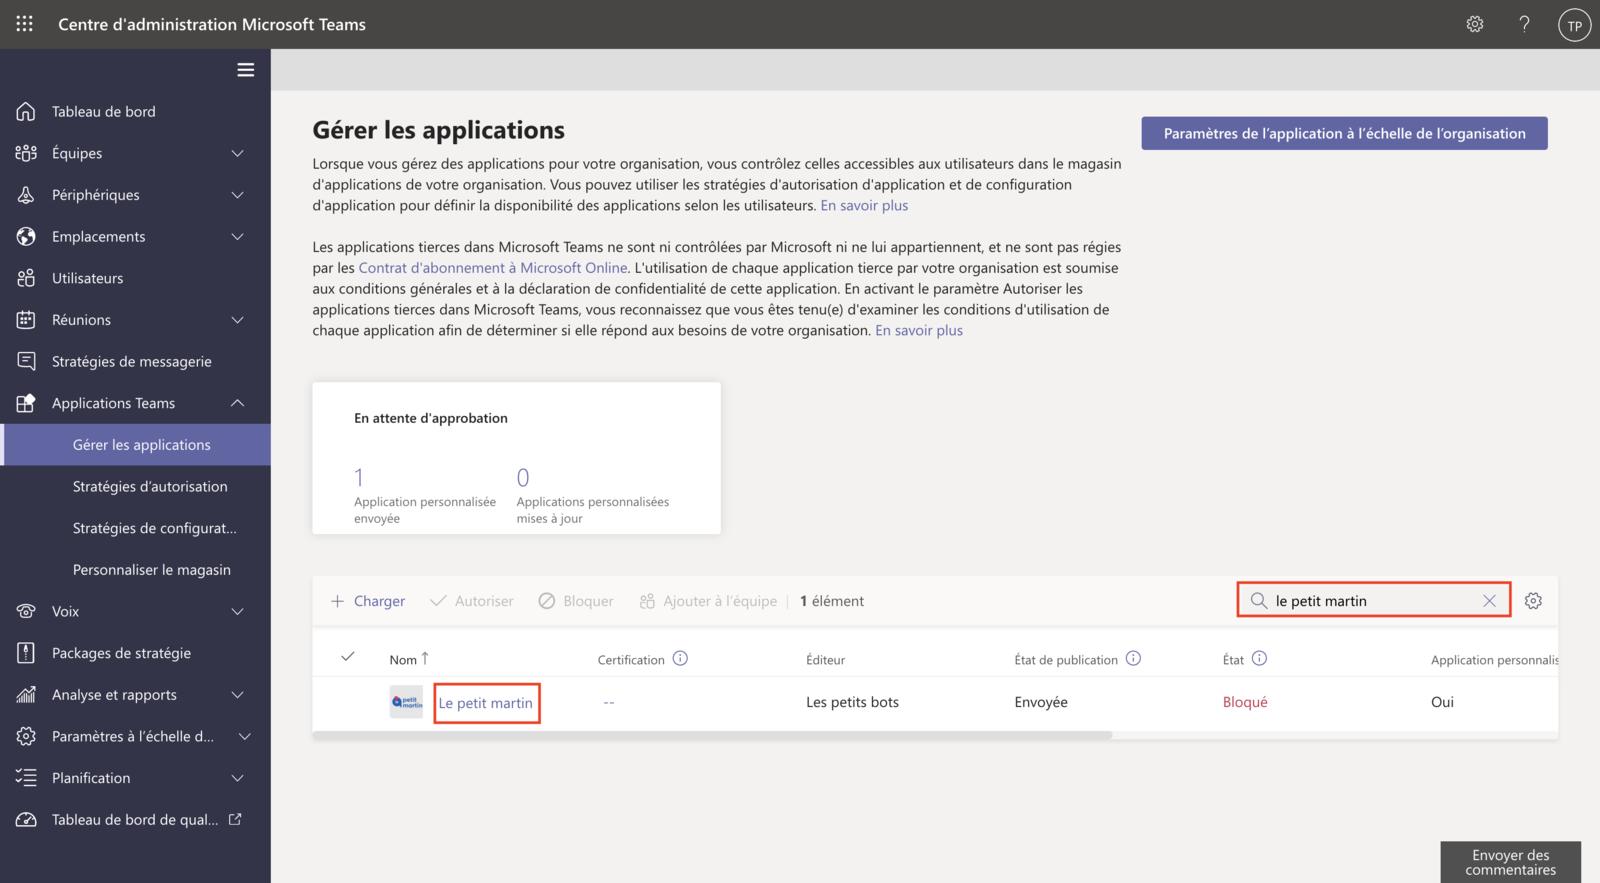 Approbation de l'application (2)